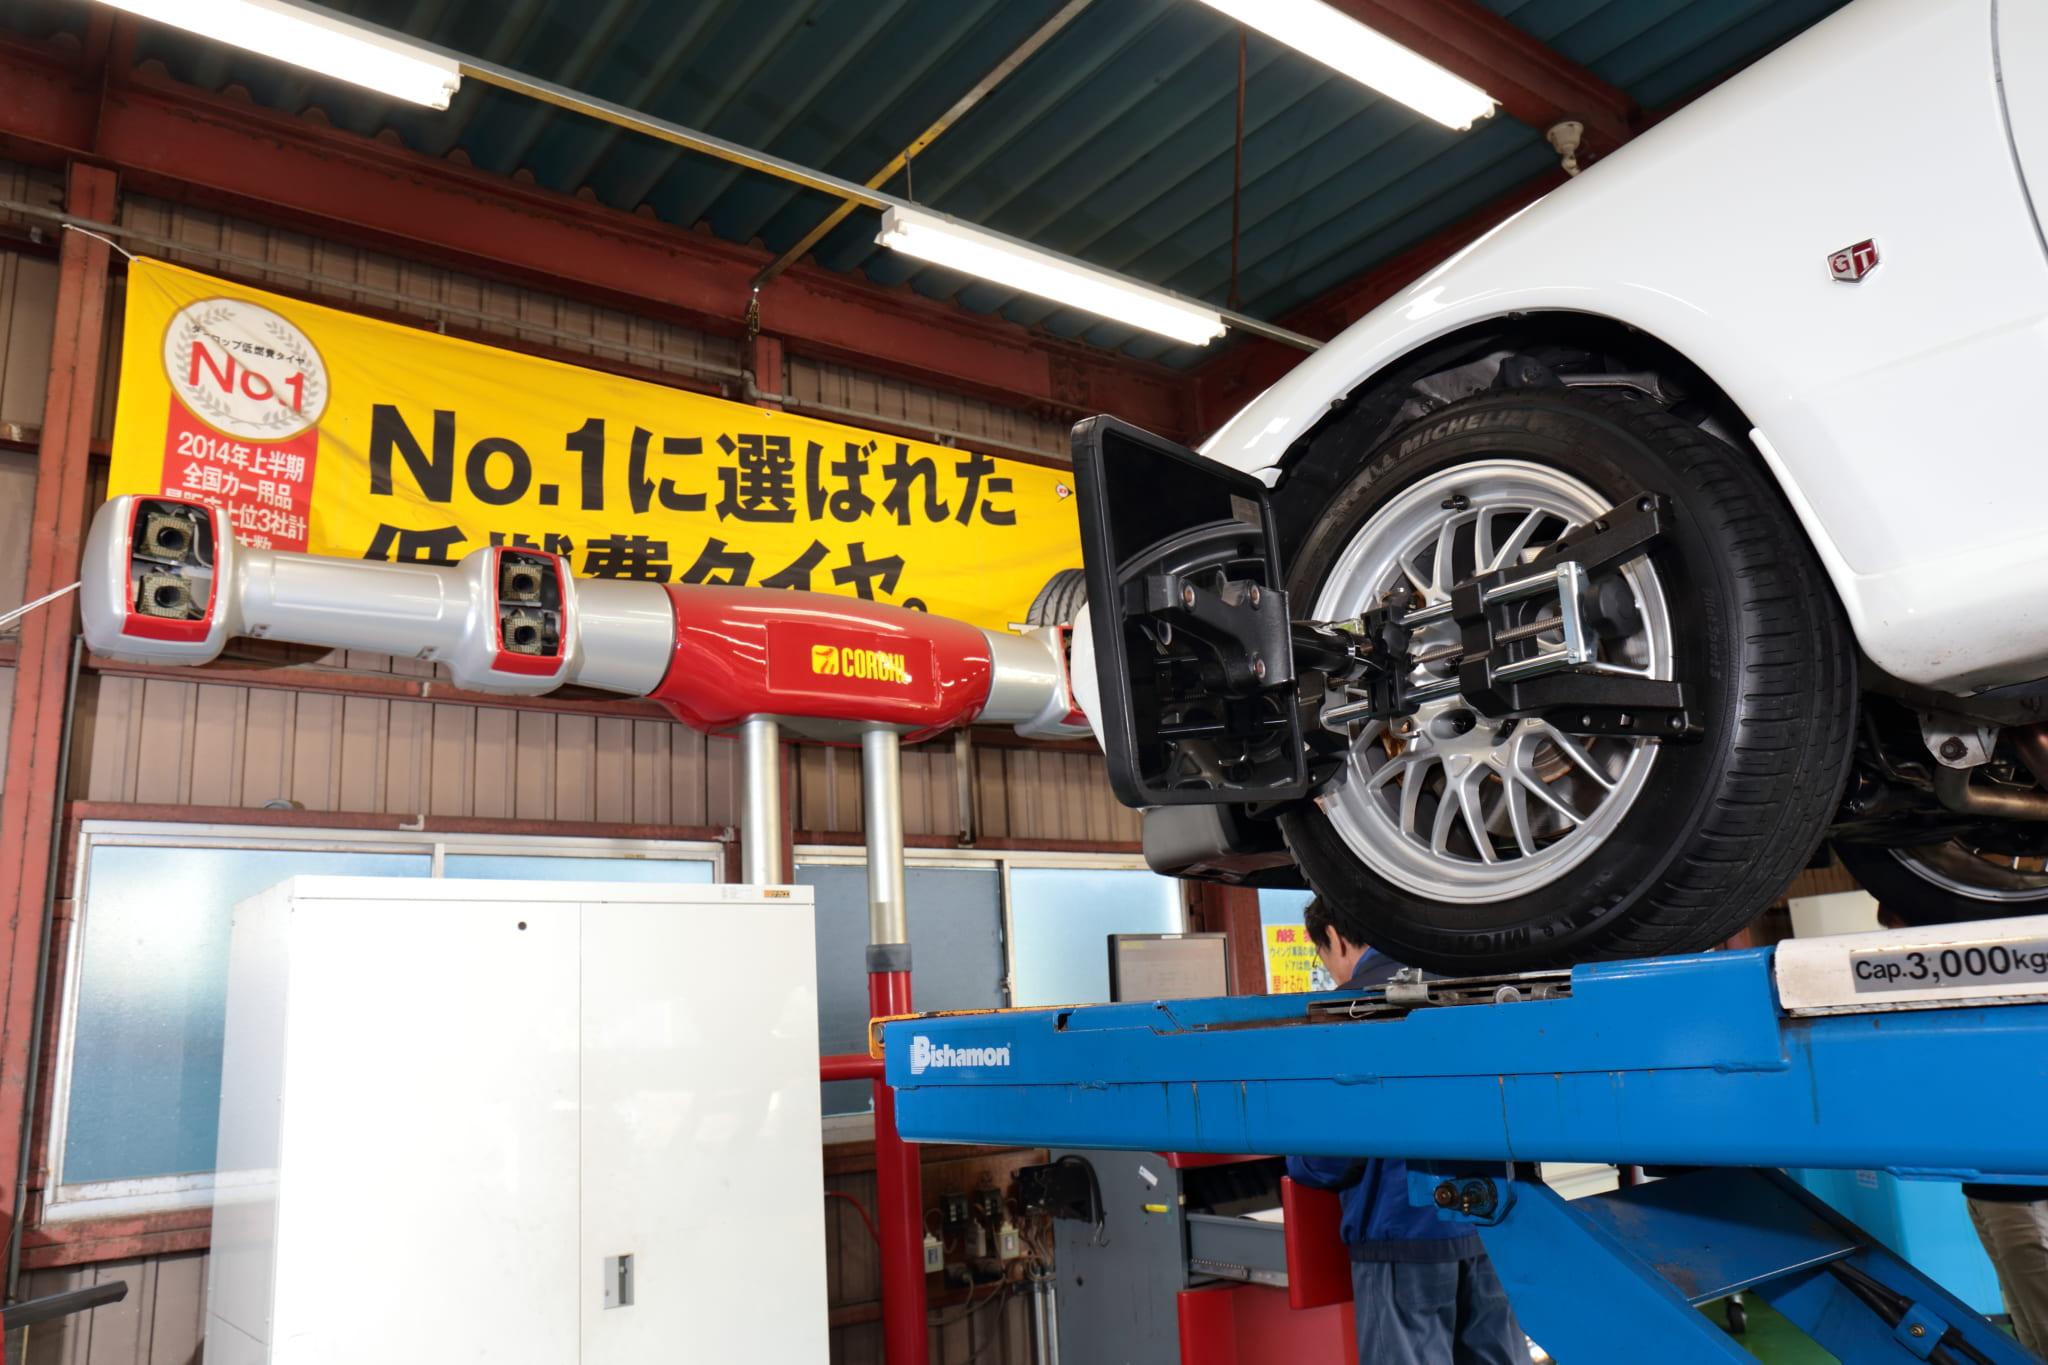 「ハンドルに変な振動」「タイヤがやたら減る」はホイールのズレの可能性も! アライメントチェックの重要性とは